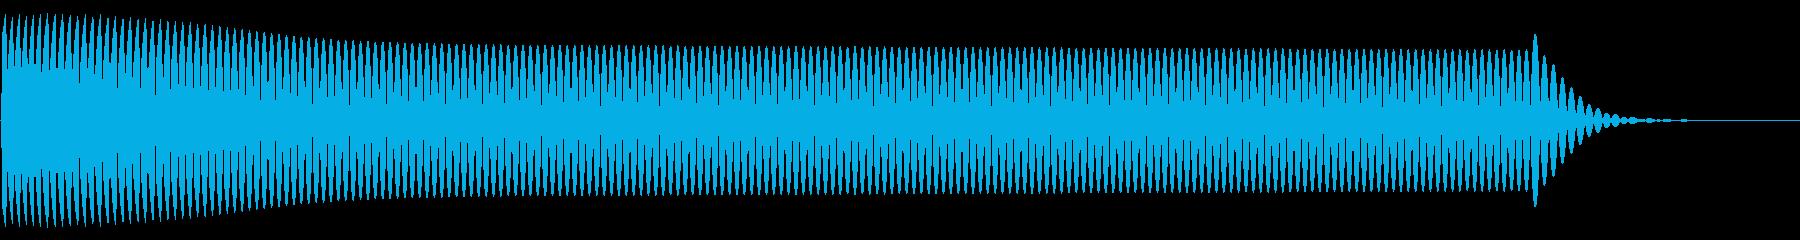 ピー(click_決定_01)の再生済みの波形